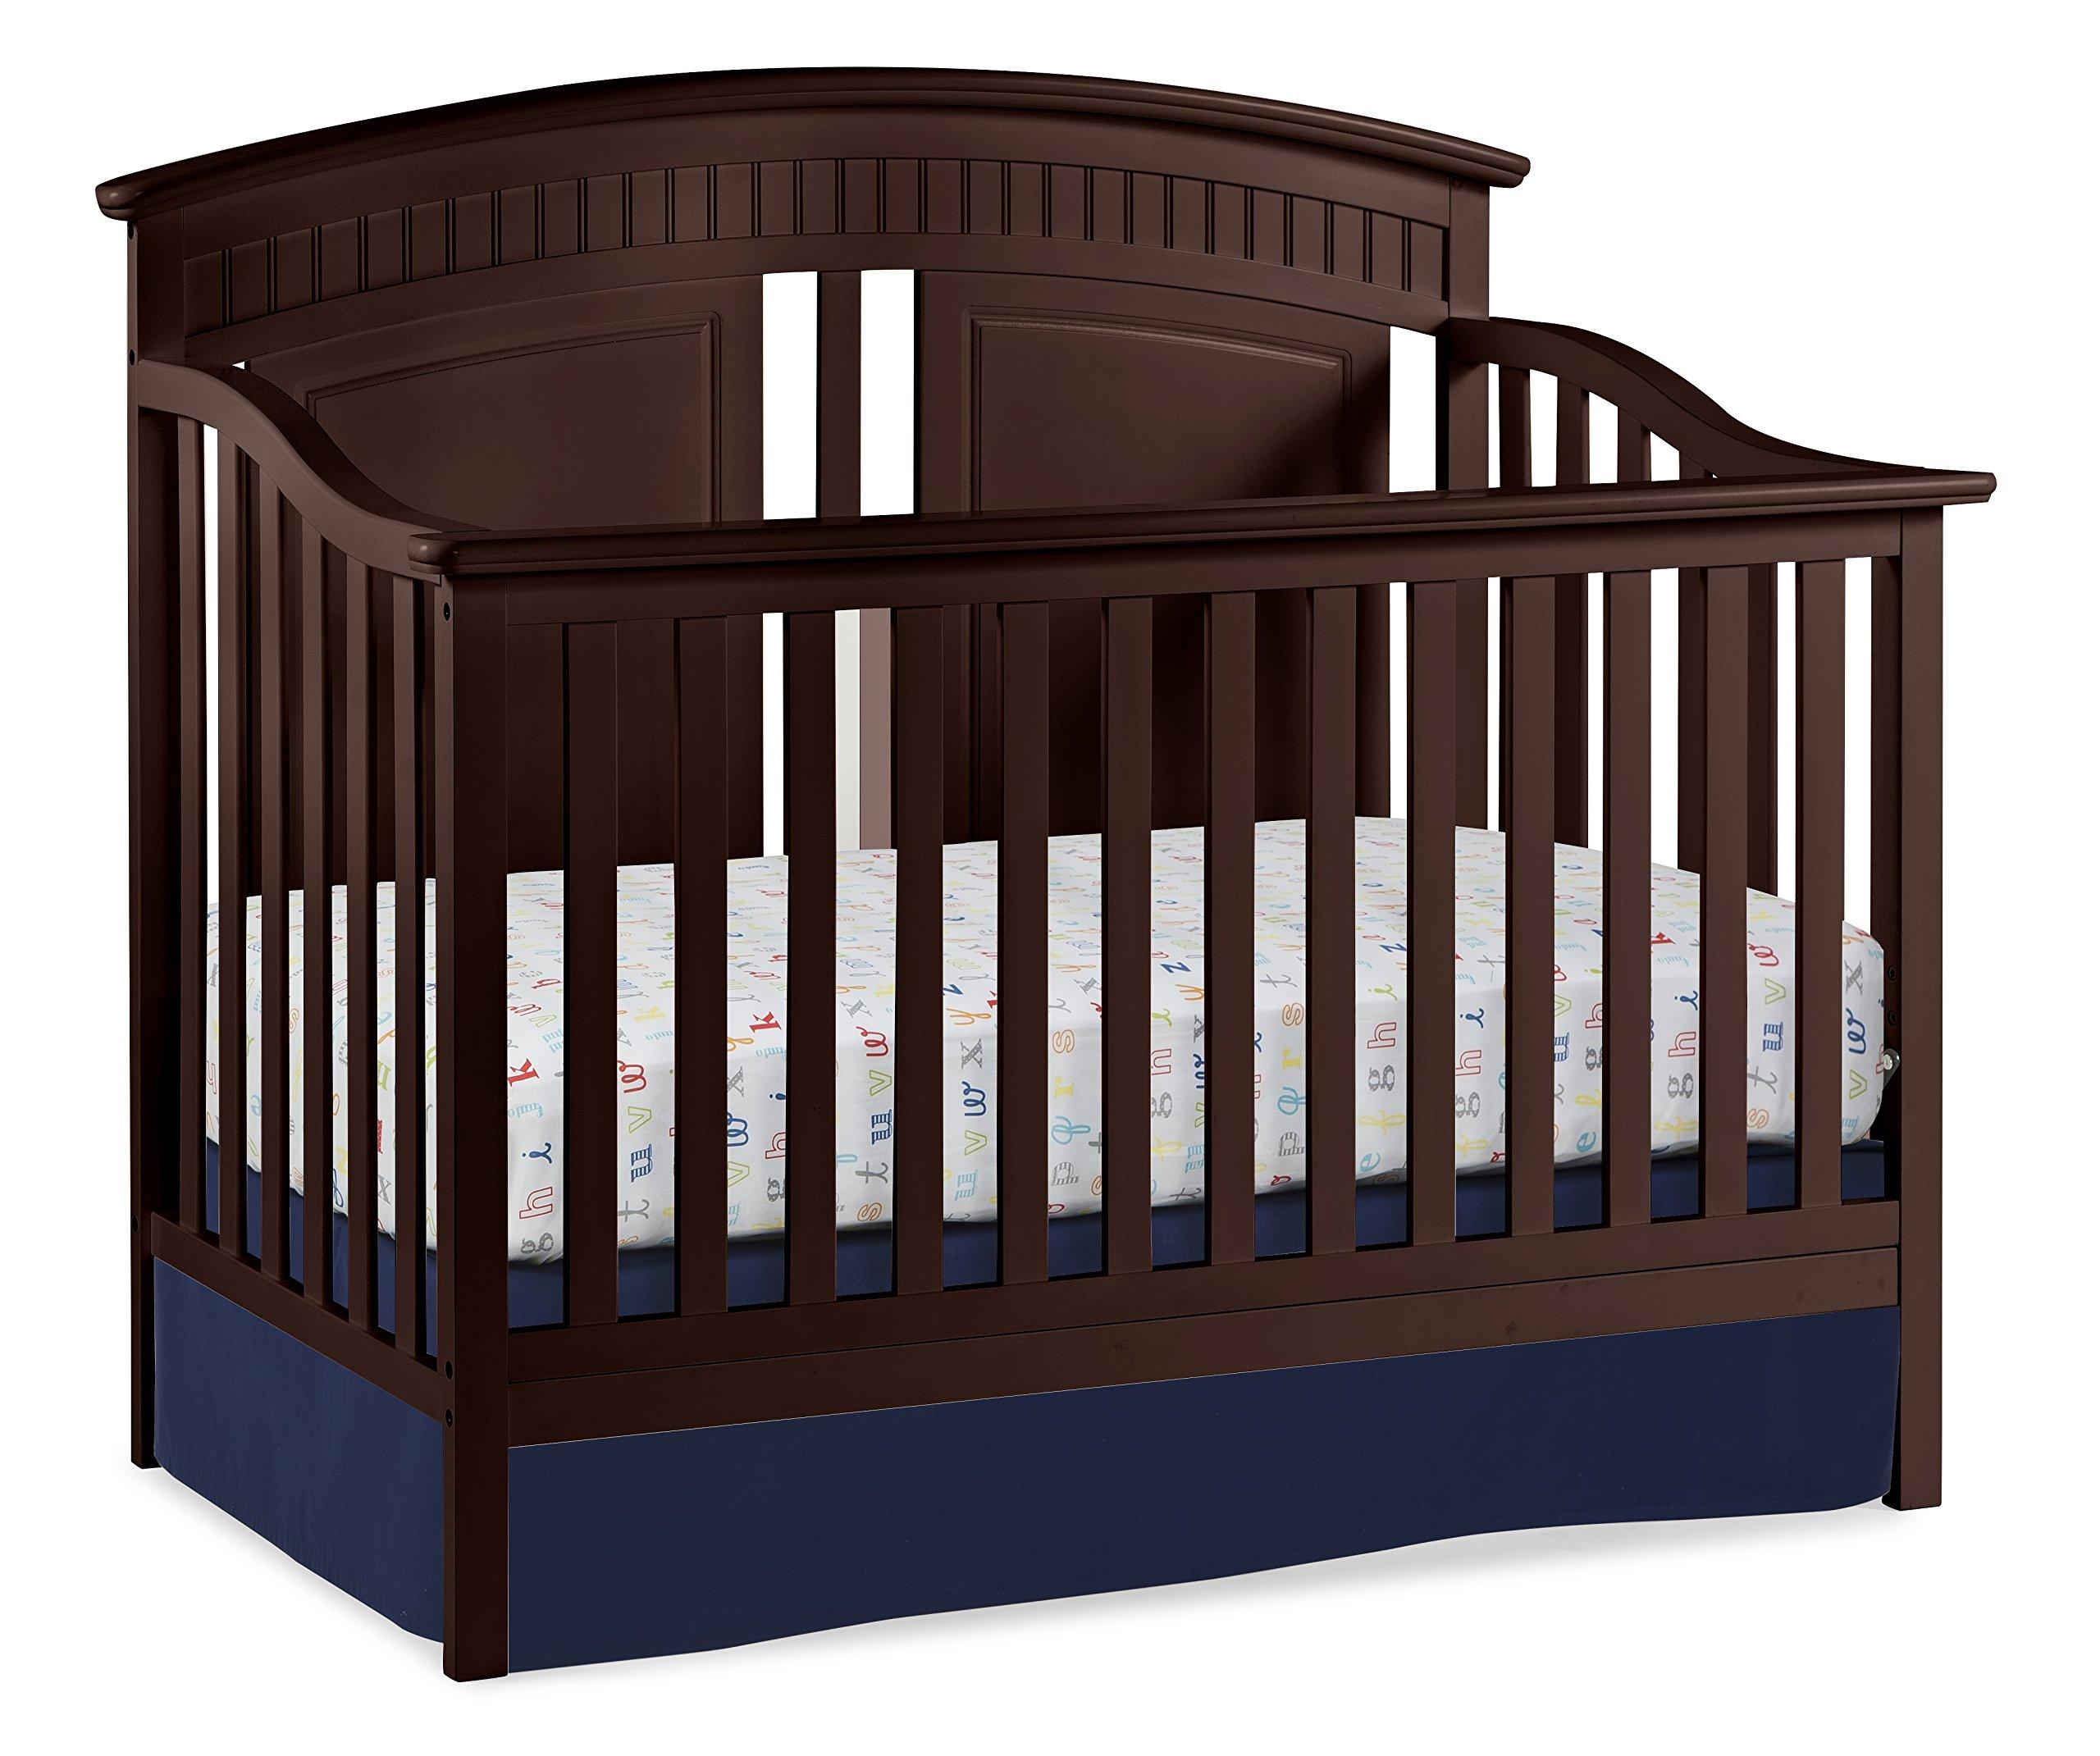 Thomasville Kids Majestic 4-in-1 Convertible Crib, Espresso